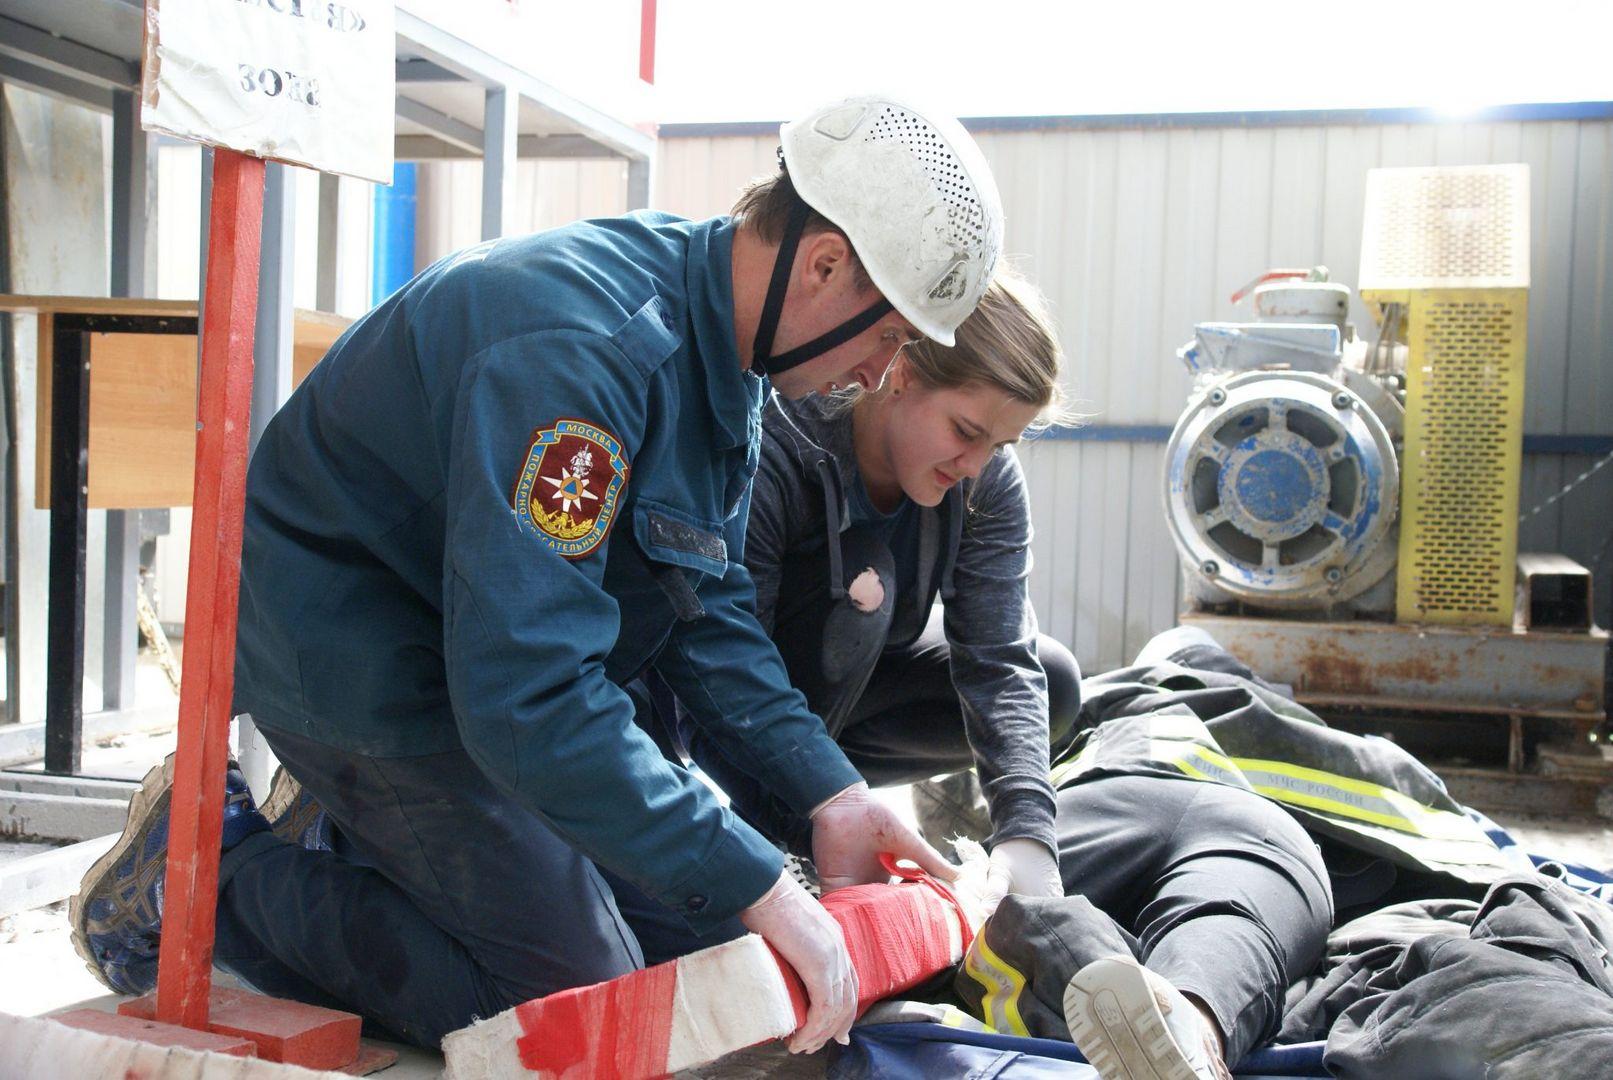 спасатели, конкурс, лучший спасатель, спасатели Москвы, департамент ГО ЧС, первая помощь, пострадавшая, шина